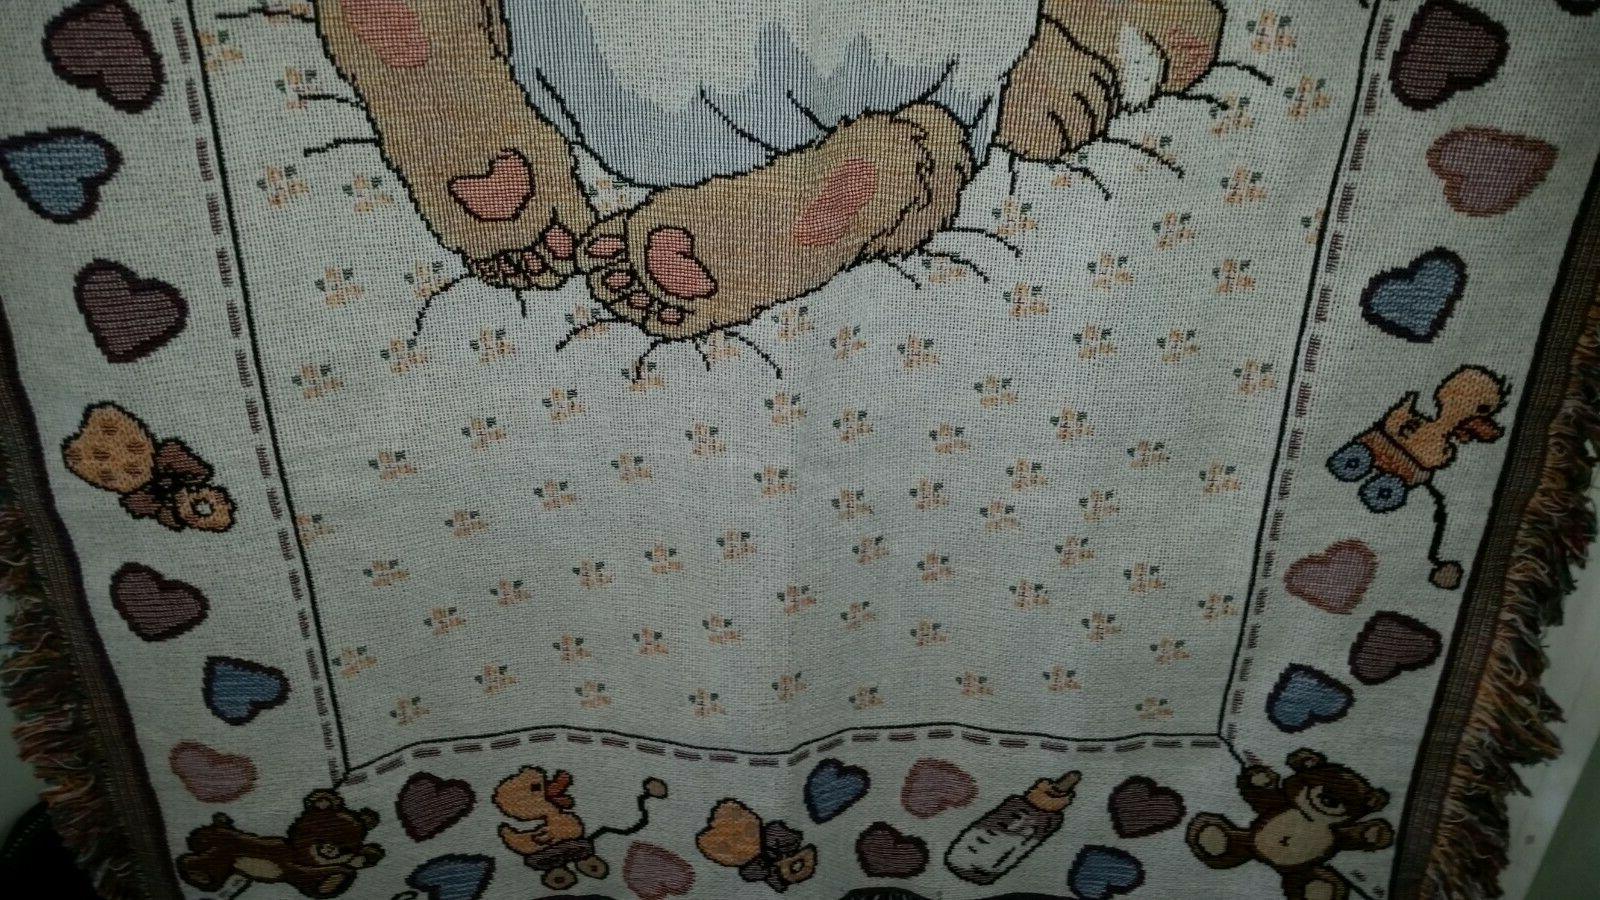 Suzy Woven Blanket Bunny